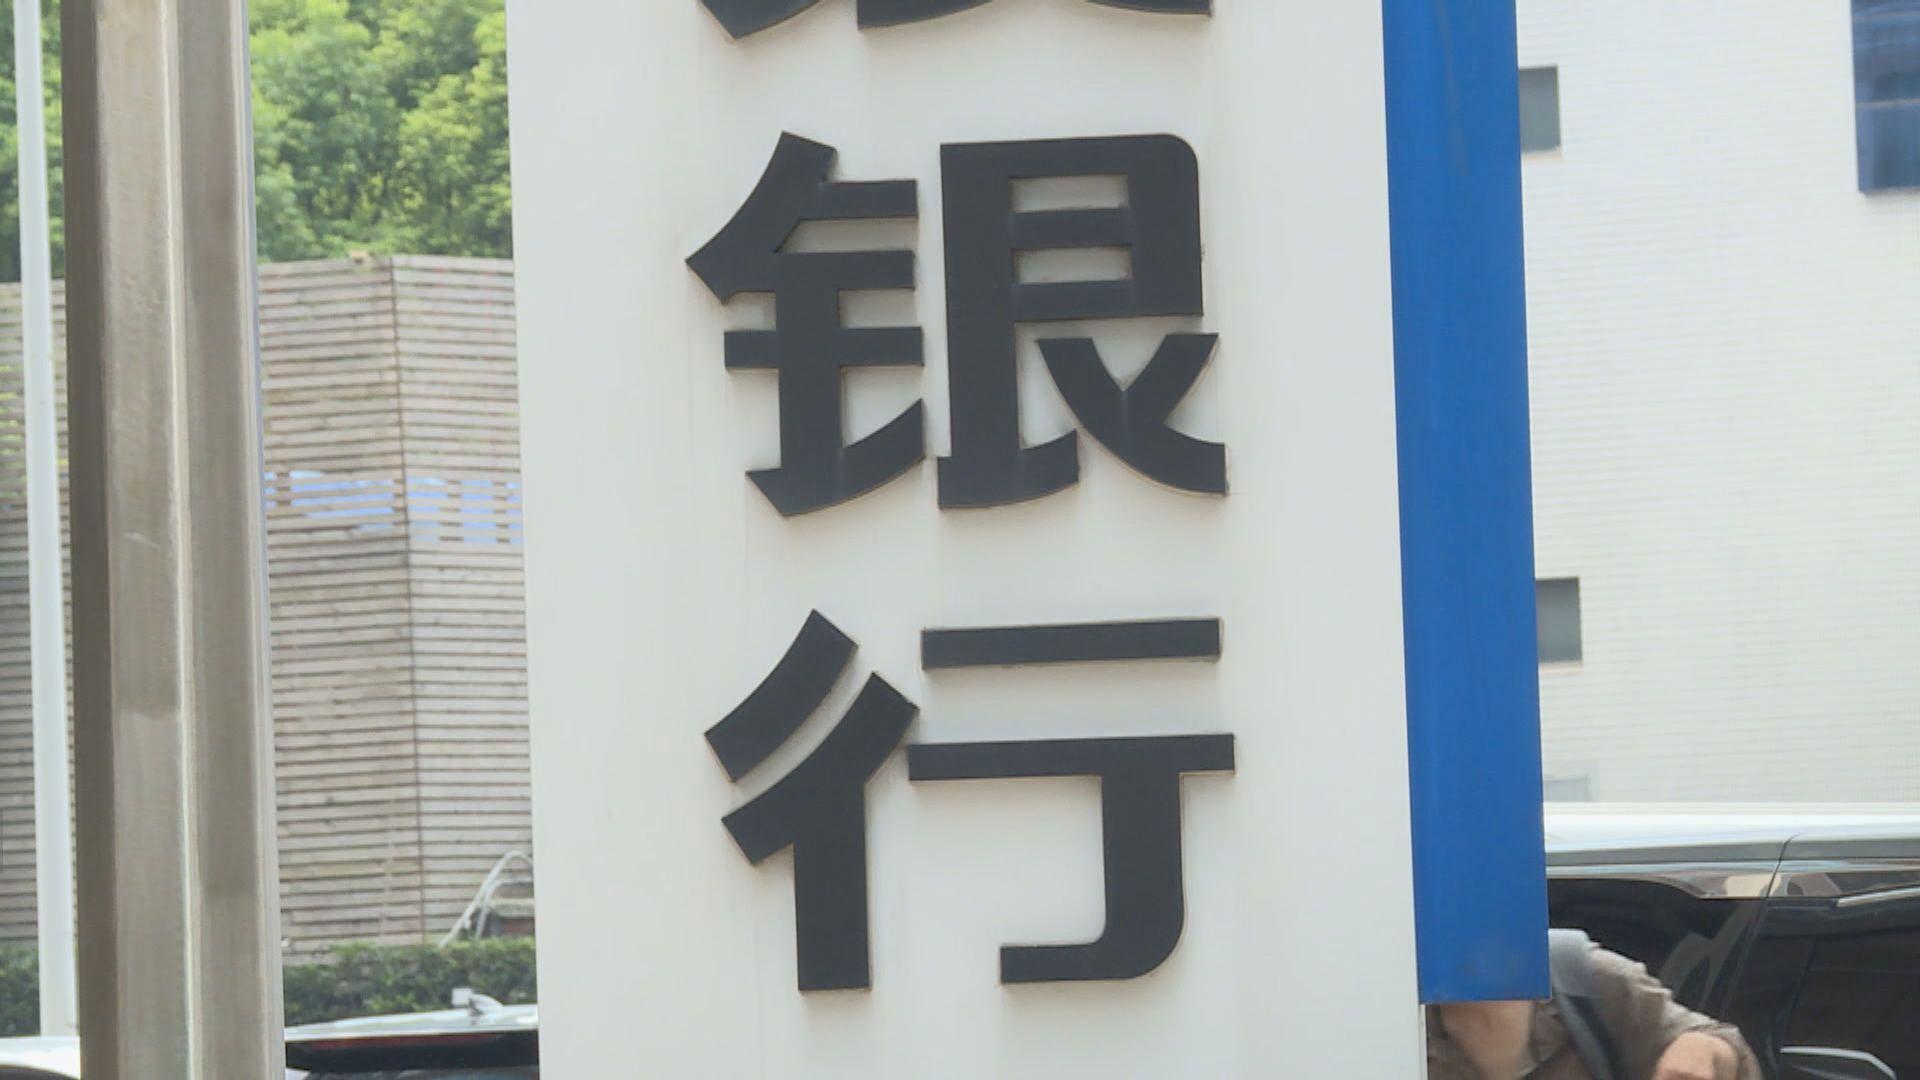 金融時報:香港銀行篩查面臨美國制裁風險客戶